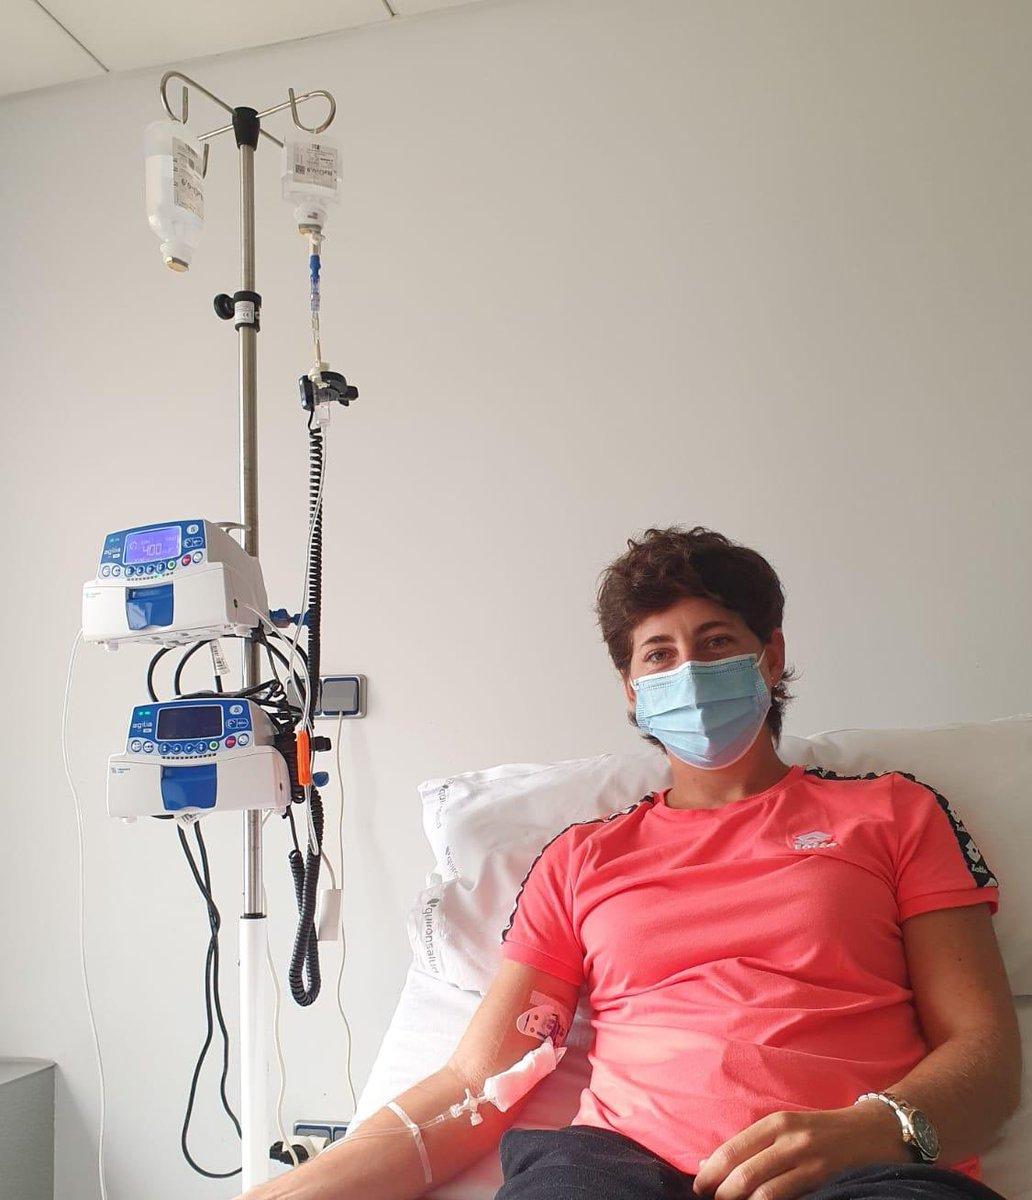 Preparada para comenzar los meses de tratamiento. Con valor y esperanza para lo que venga. Les agradezco de corazón el apoyo. ☺️ https://t.co/VMAKoUvD9p